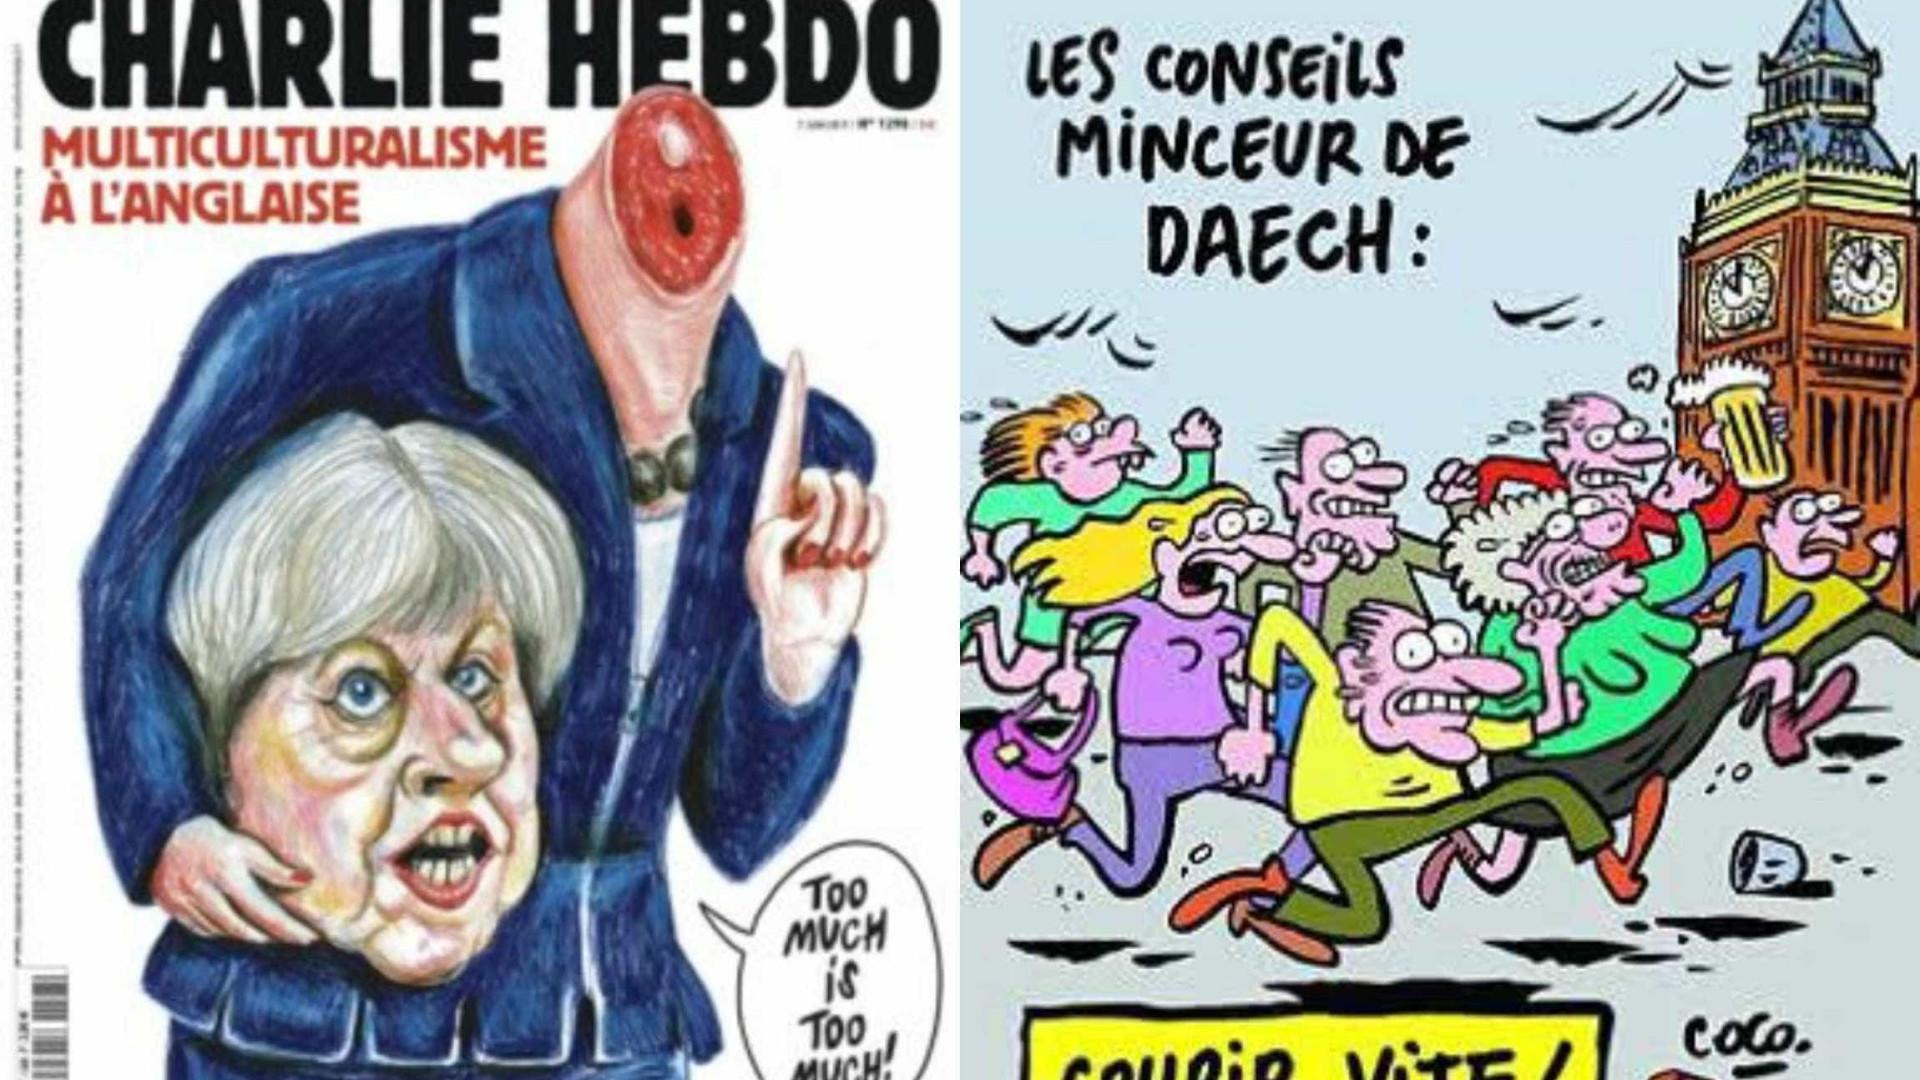 Theresa May decapitada: a mais recente polémica do Charlie Hebdo